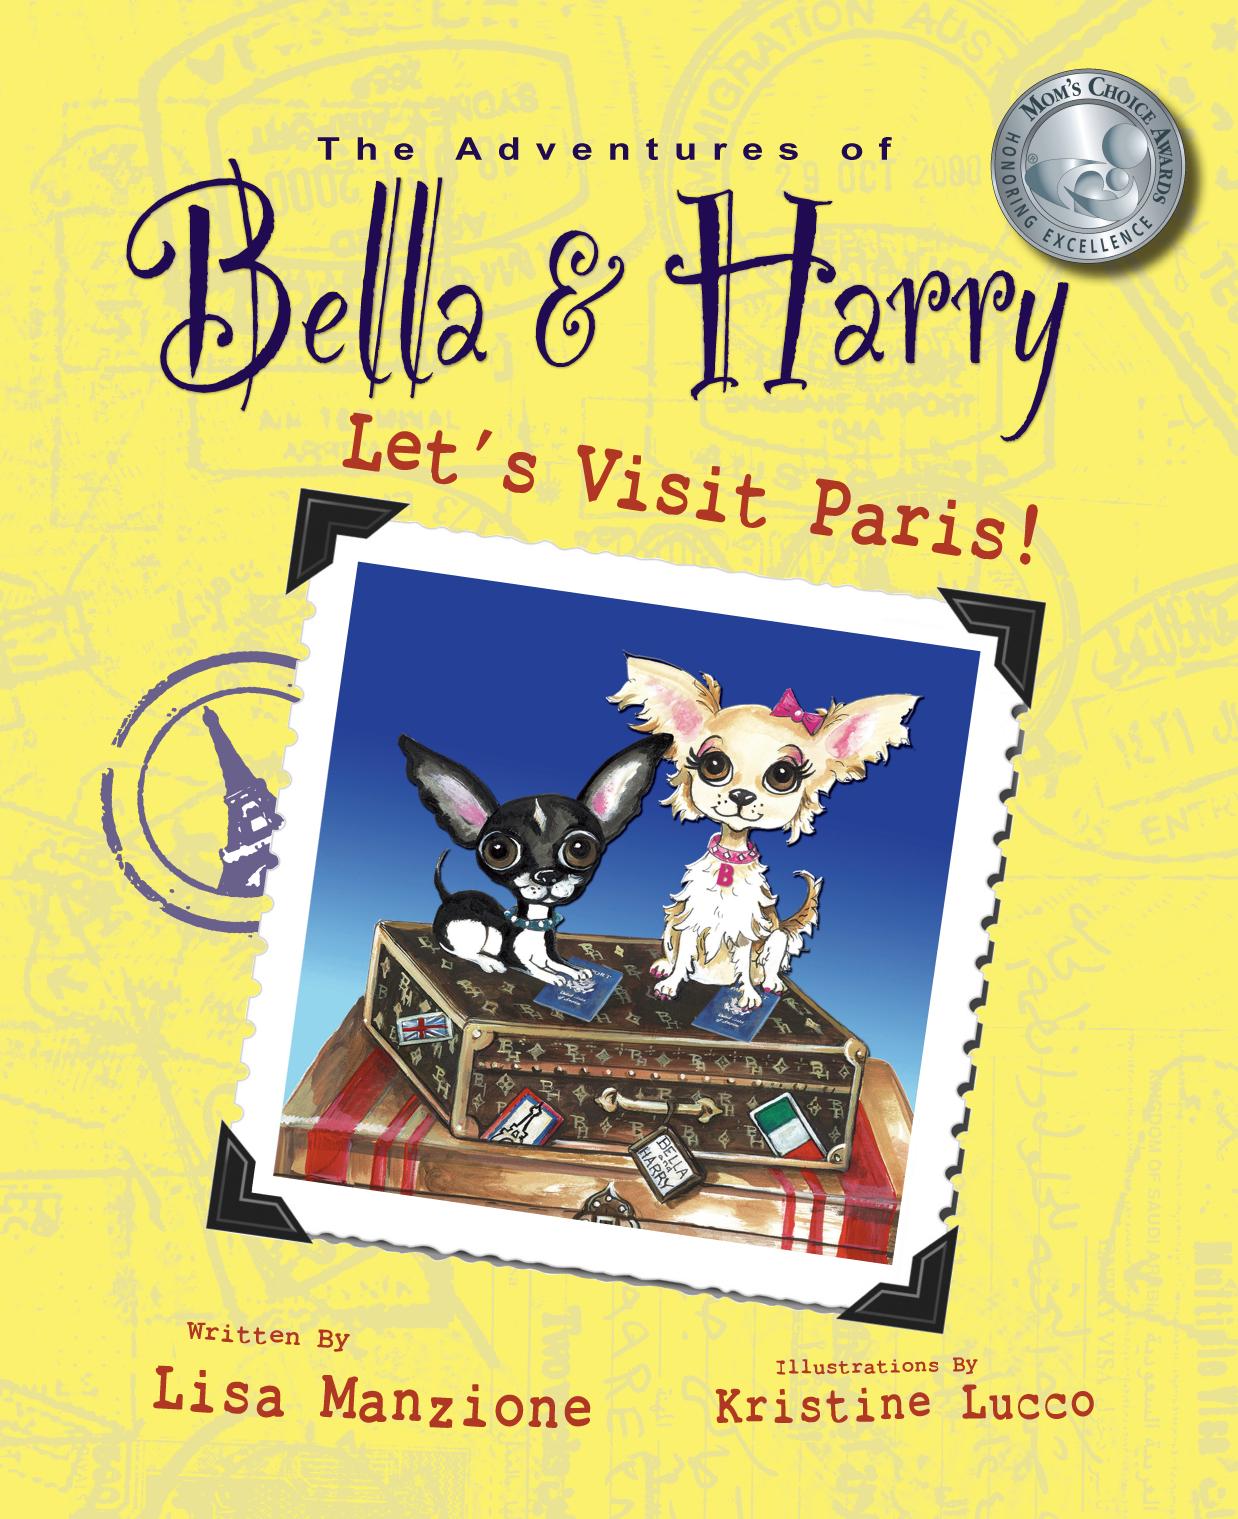 Bella & Harry Let's Visit Paris! Book Cover